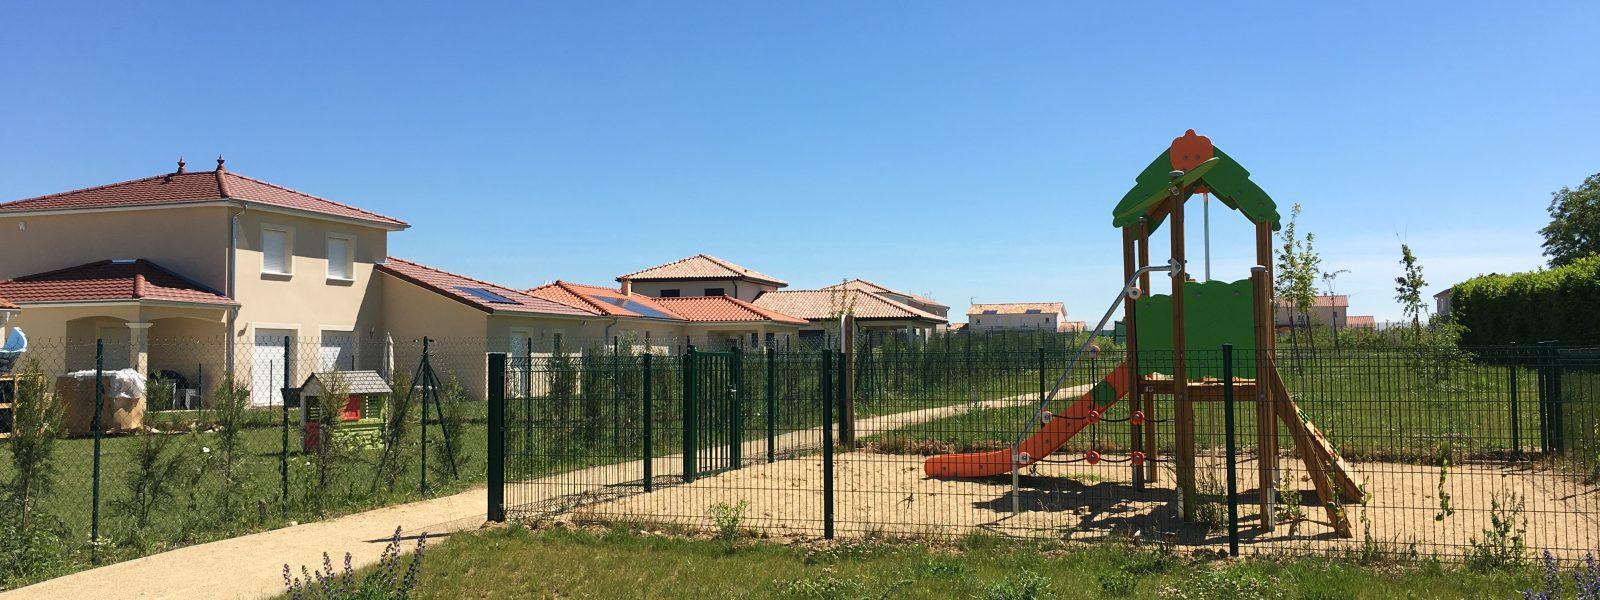 LE HAMEAU DE LA BERGERE - Visuel 2 - Impact immobilier 01